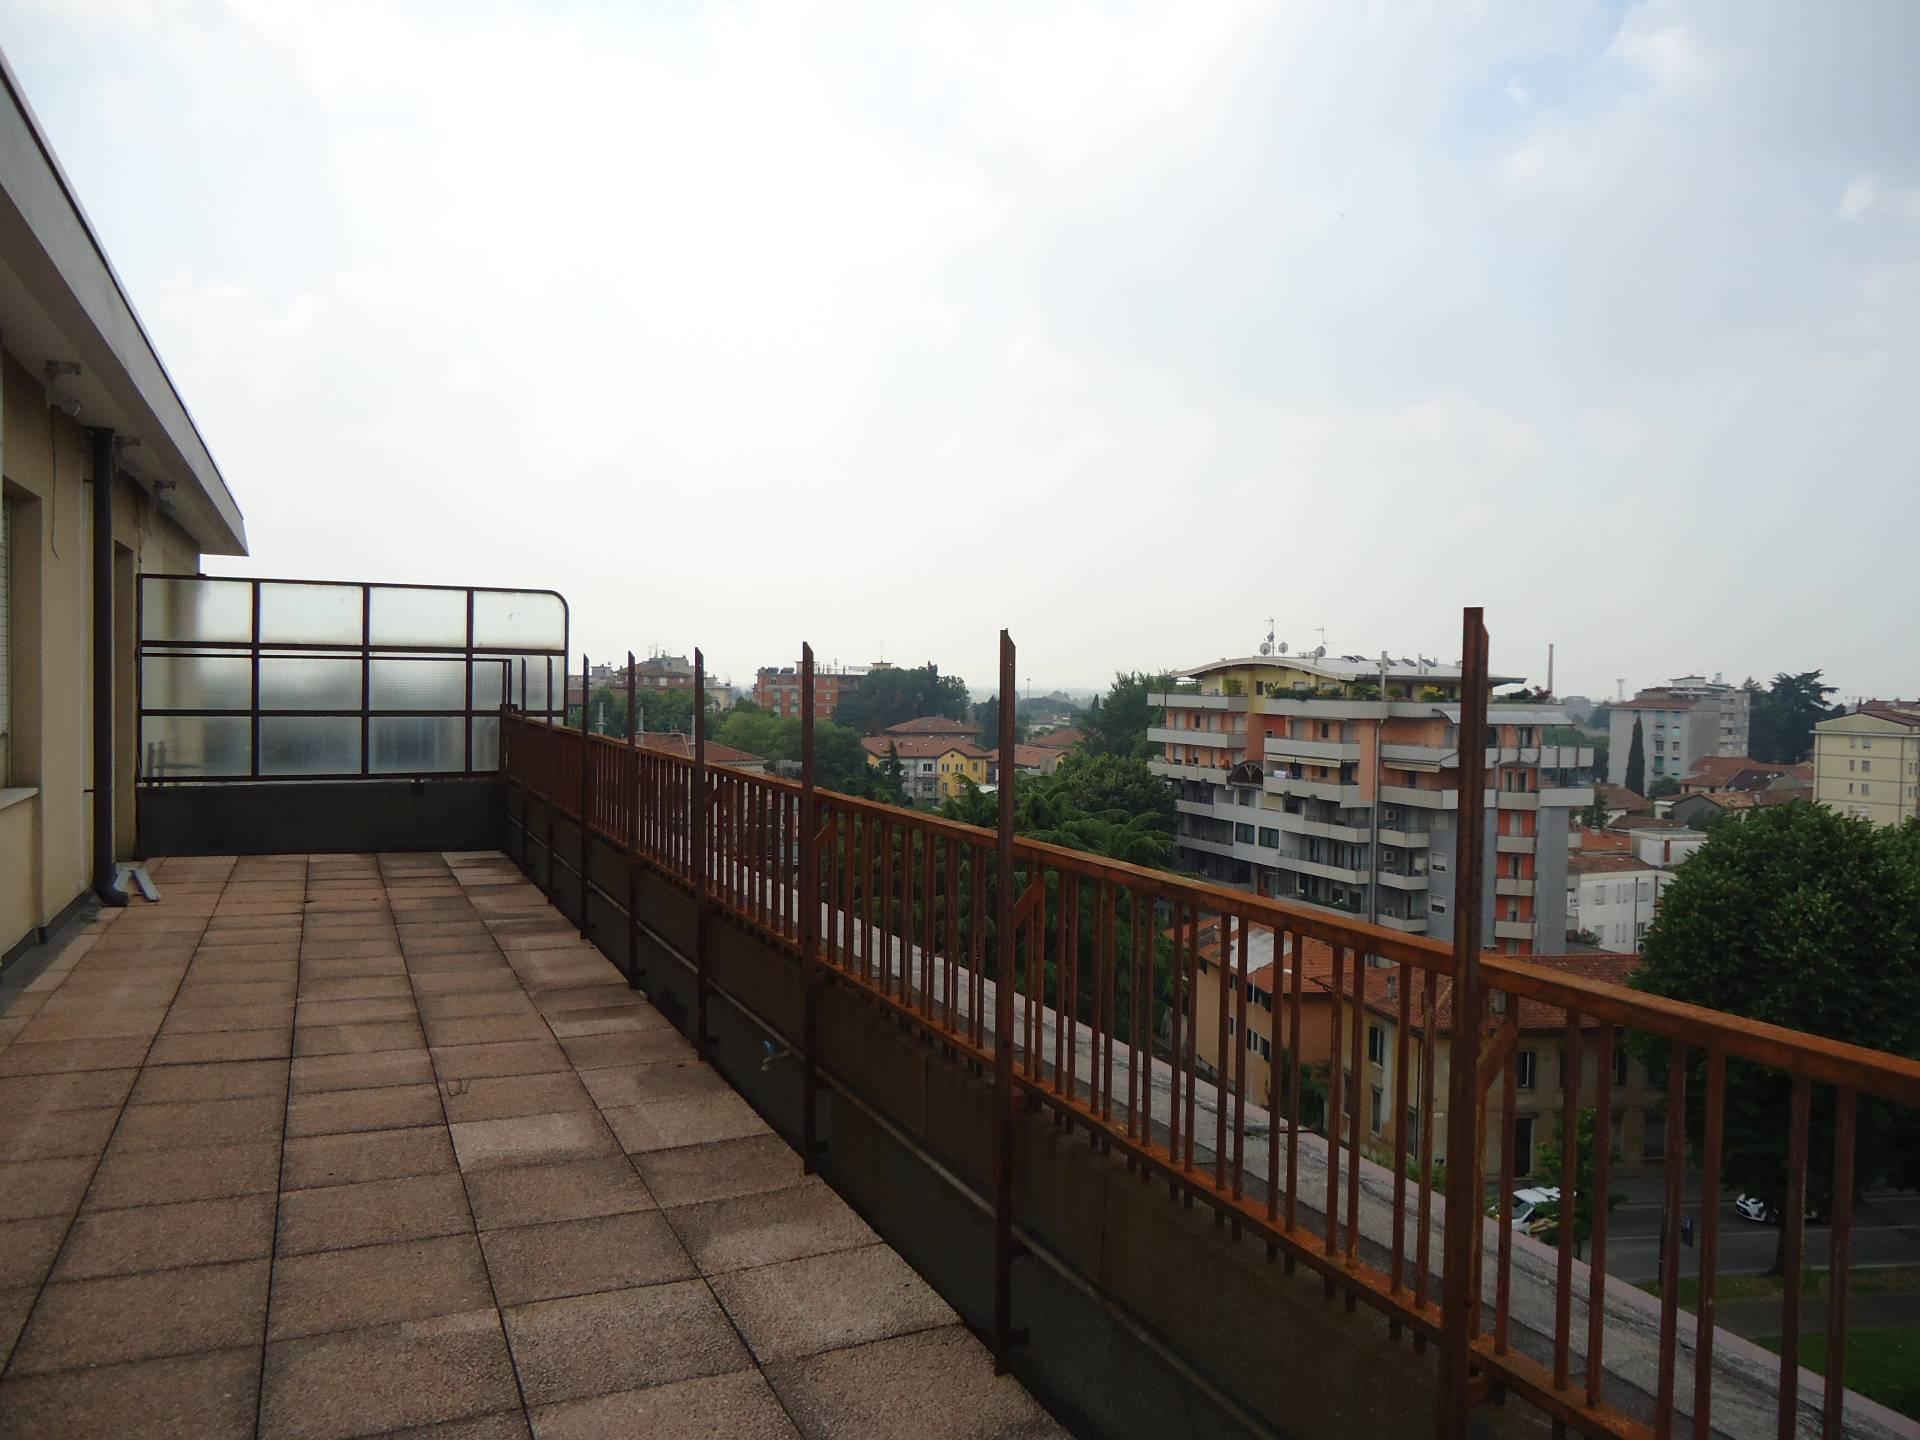 Uffici e negozi in affitto a udine cod 3896 for Affitto uffici bufalotta